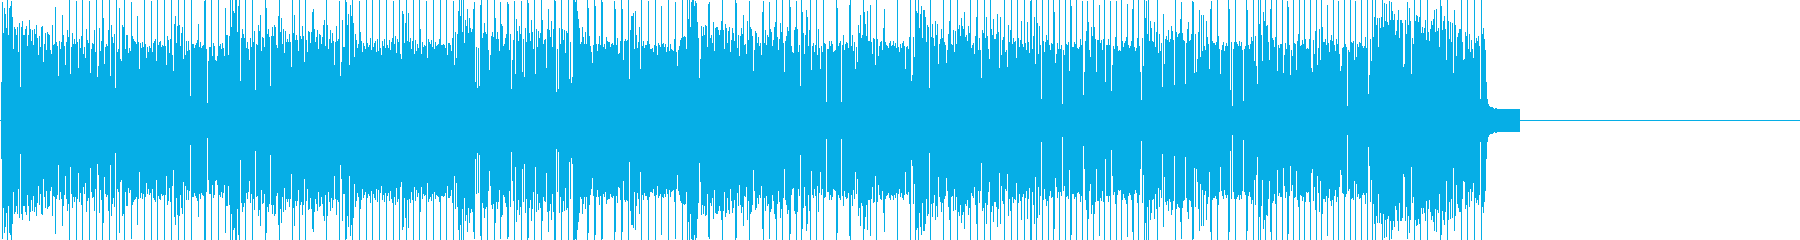 レトロゲームなチップチューンジングル16の再生済みの波形